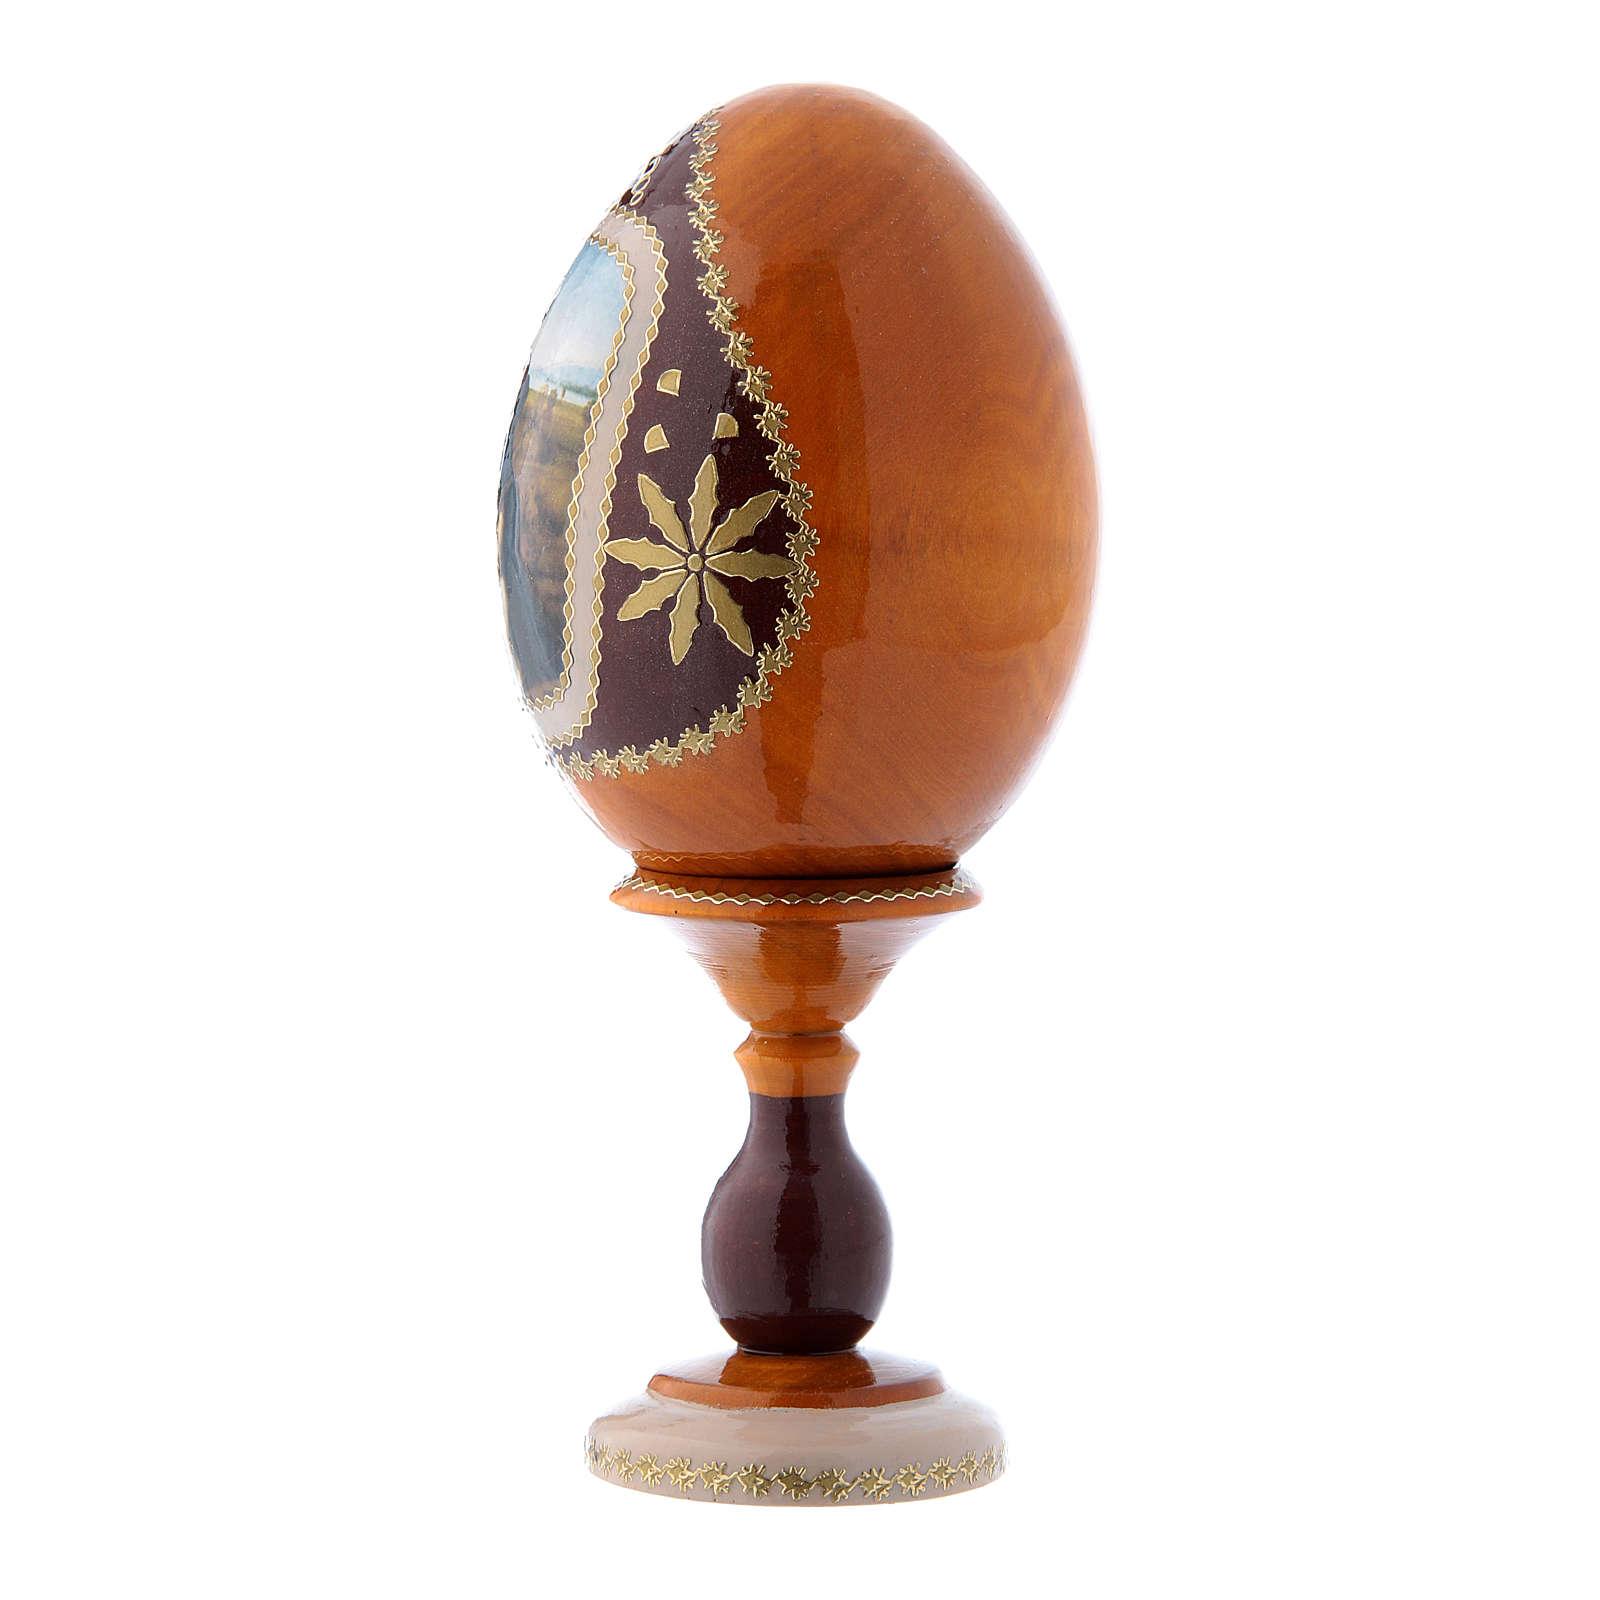 Uovo La Madonna del Belvedere russo giallo in legno découpage h tot 16 cm 4